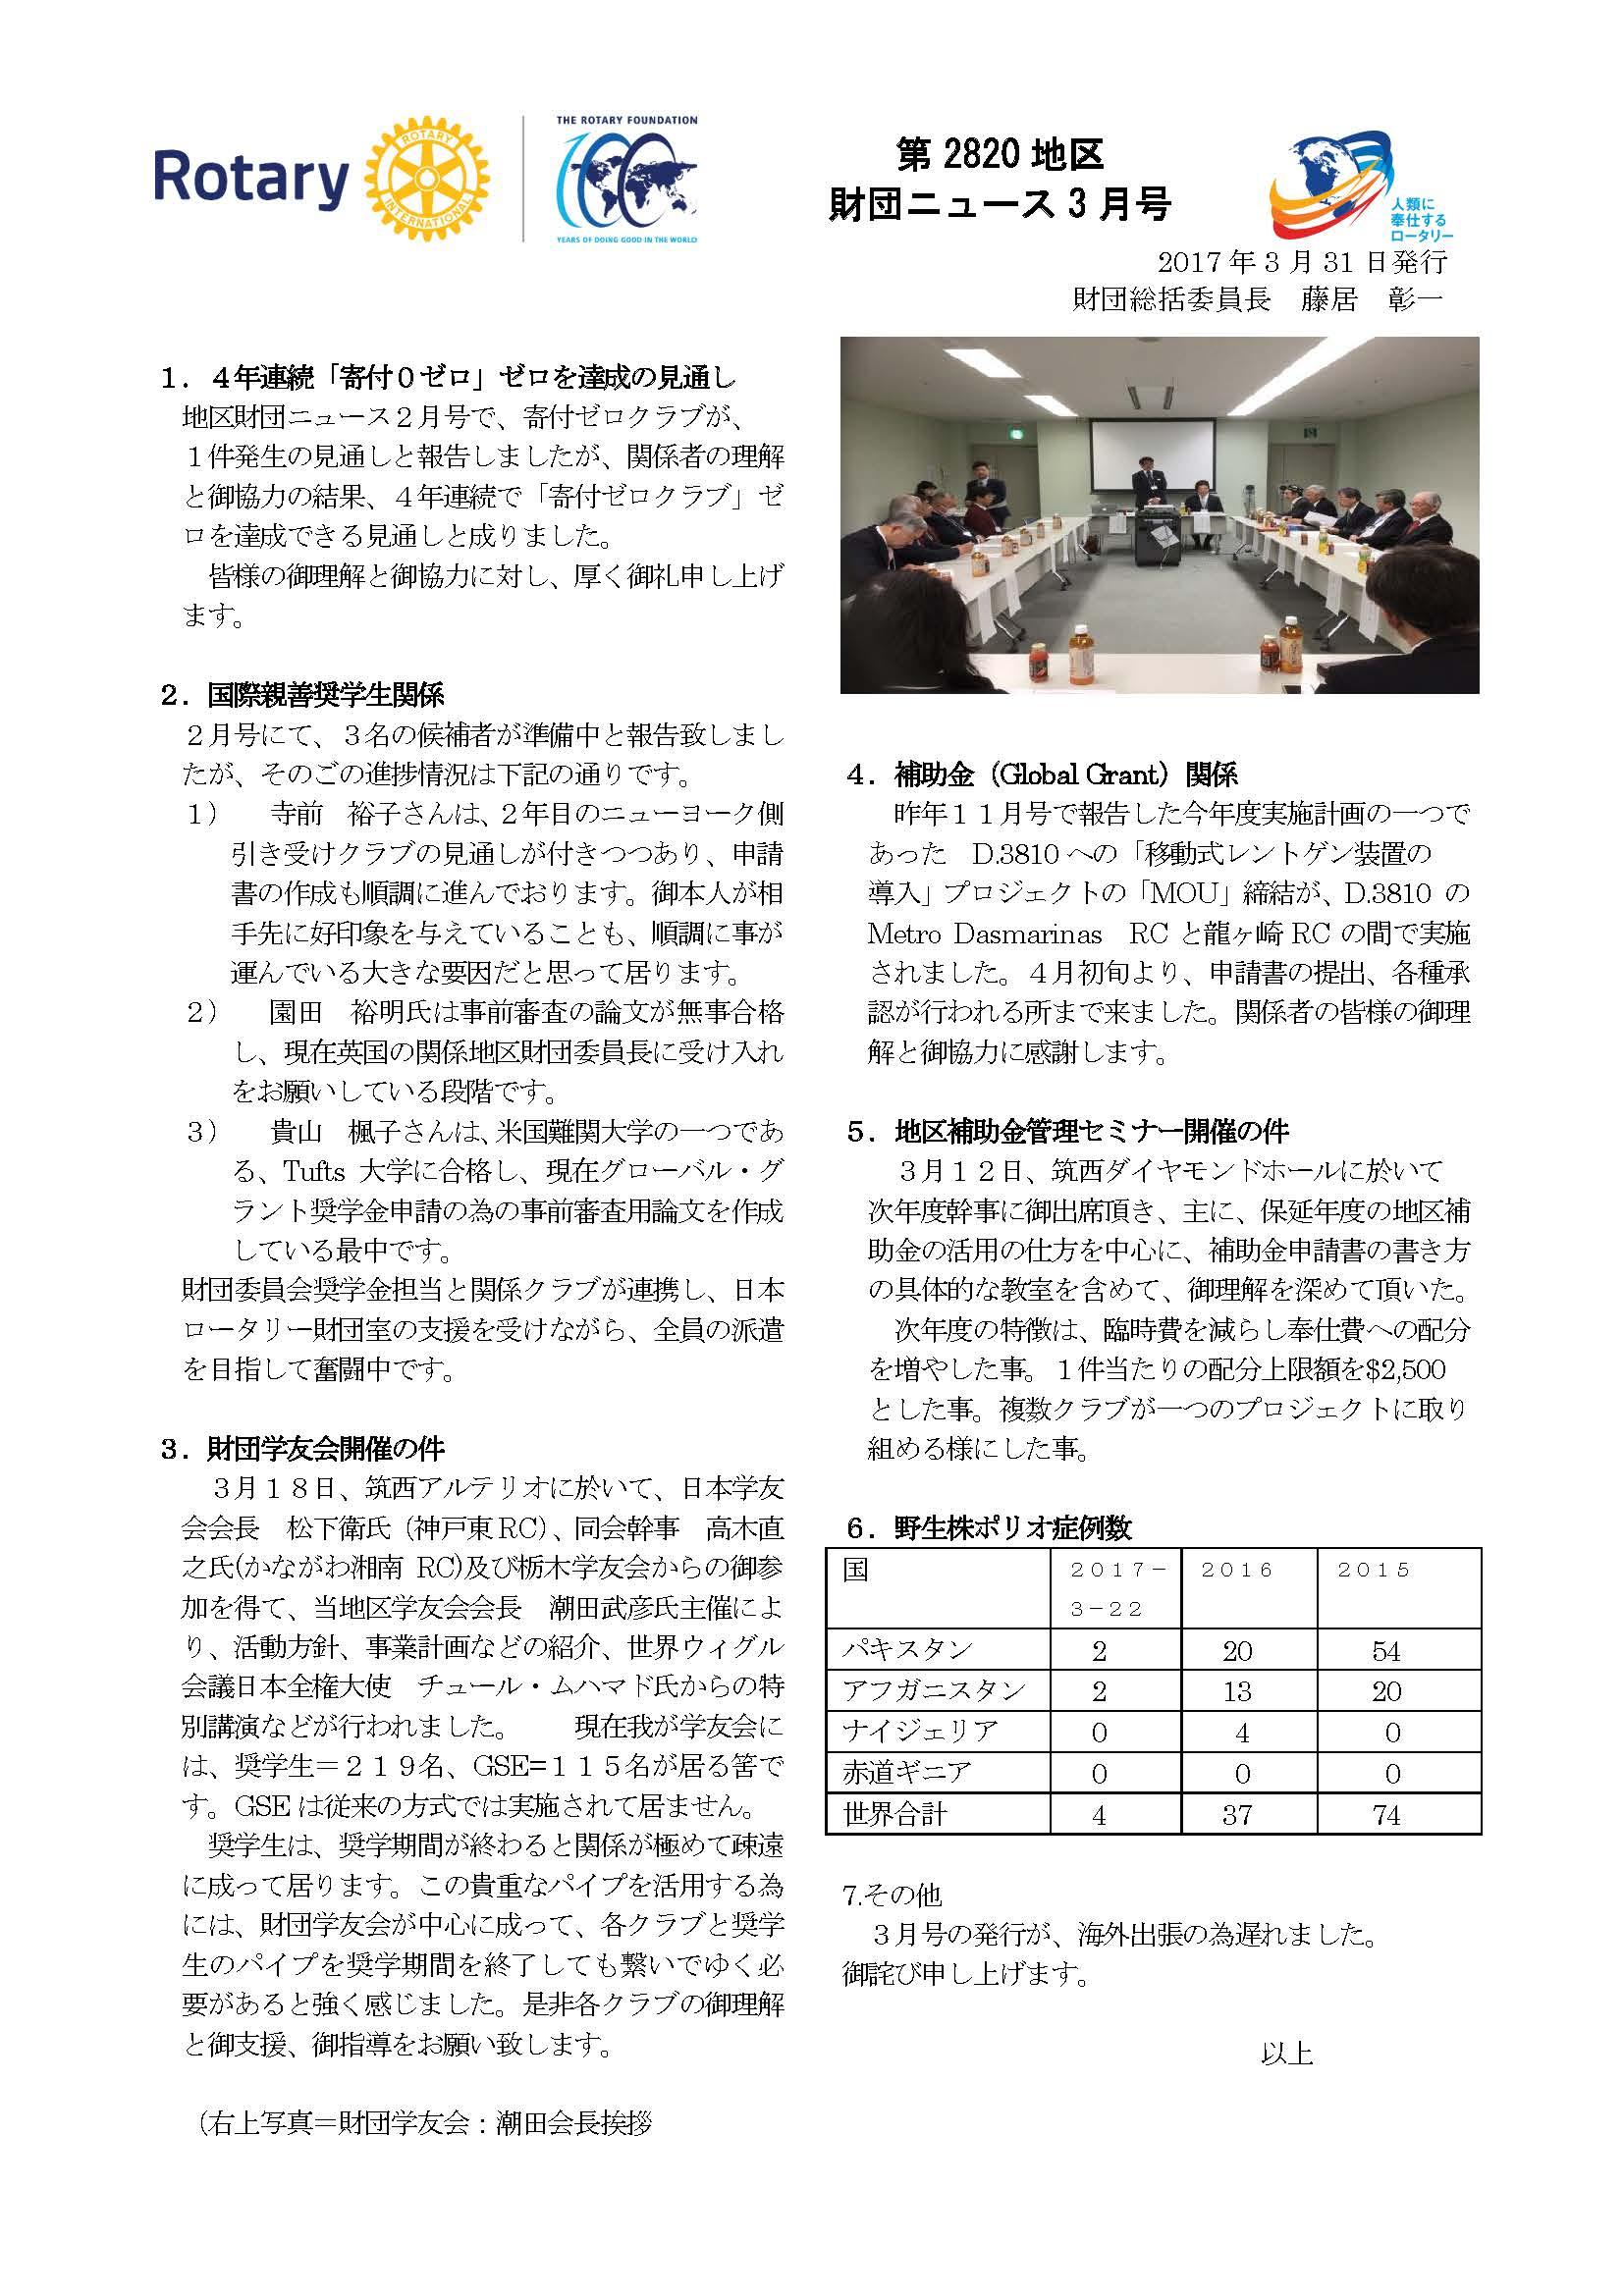 rid-fond-news-201704